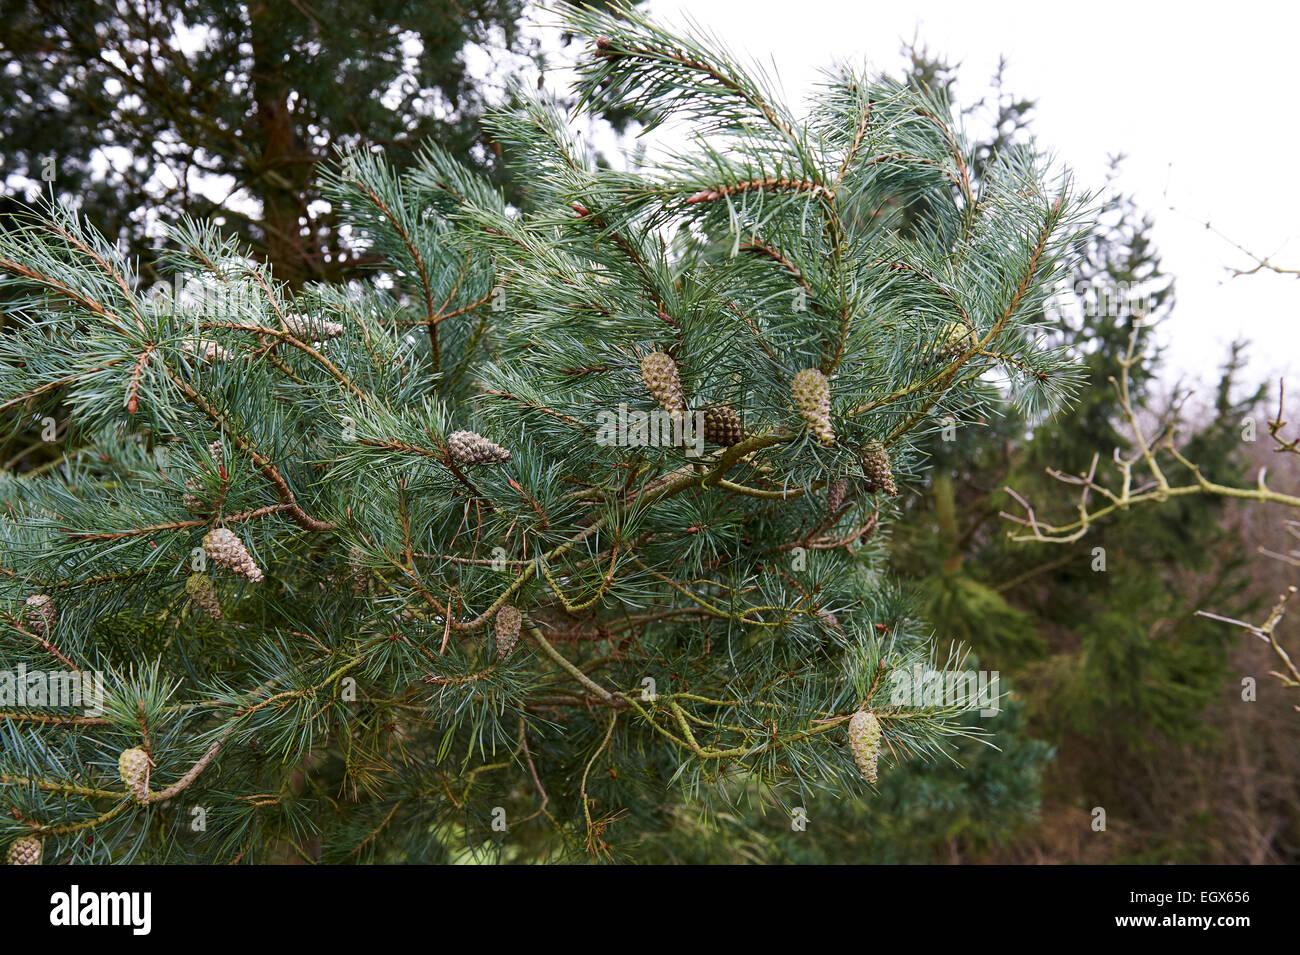 Schottische Pinien, Pinus Sylvestris. Gemeinsamen einheimischer Baum in Schottland und bepflanzten anderswo in Großbritannien. Stockbild